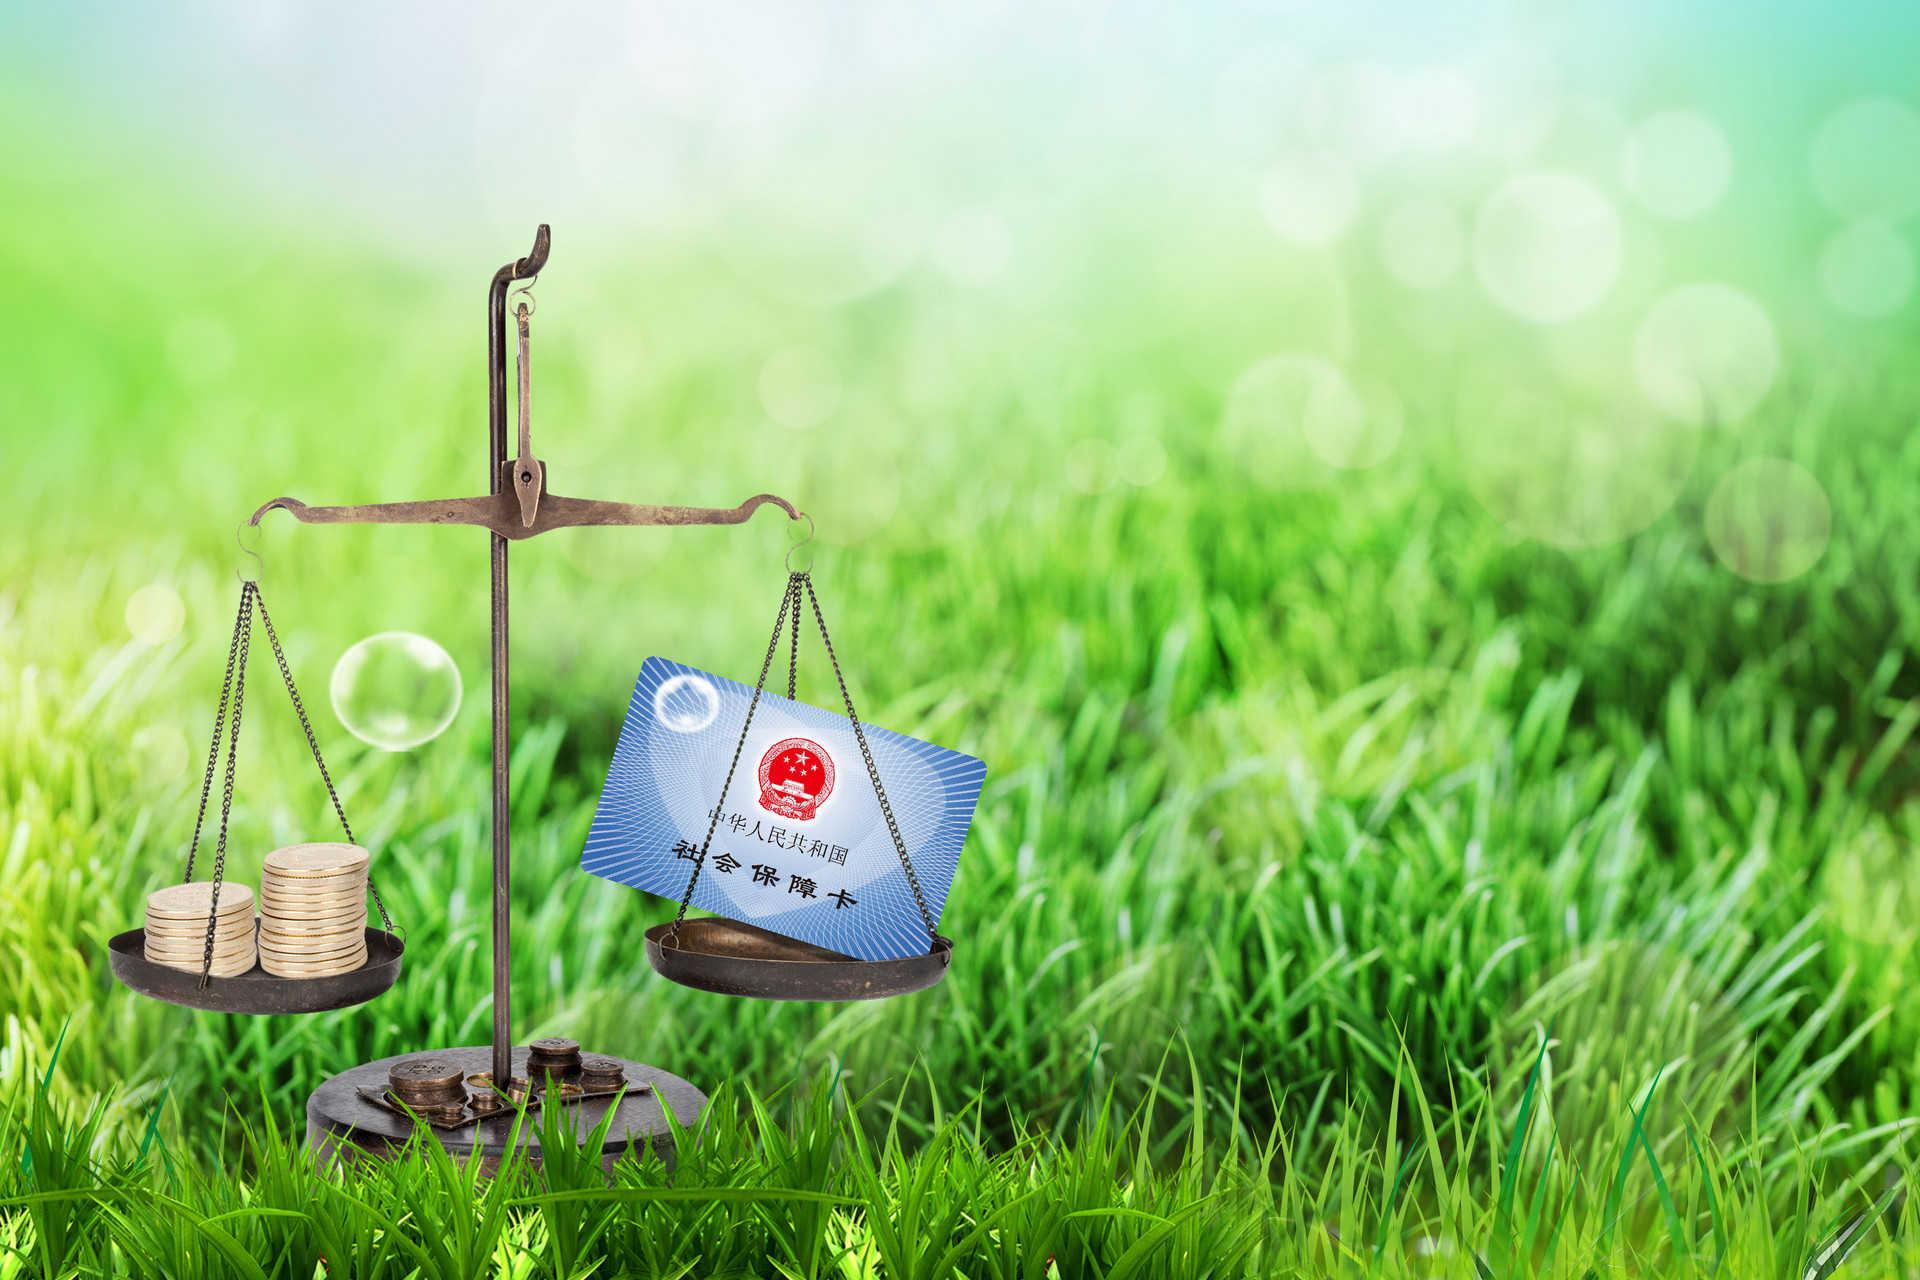 为什么中小型企业都会选择北京社保代缴公司缴纳社保?这几点告诉你